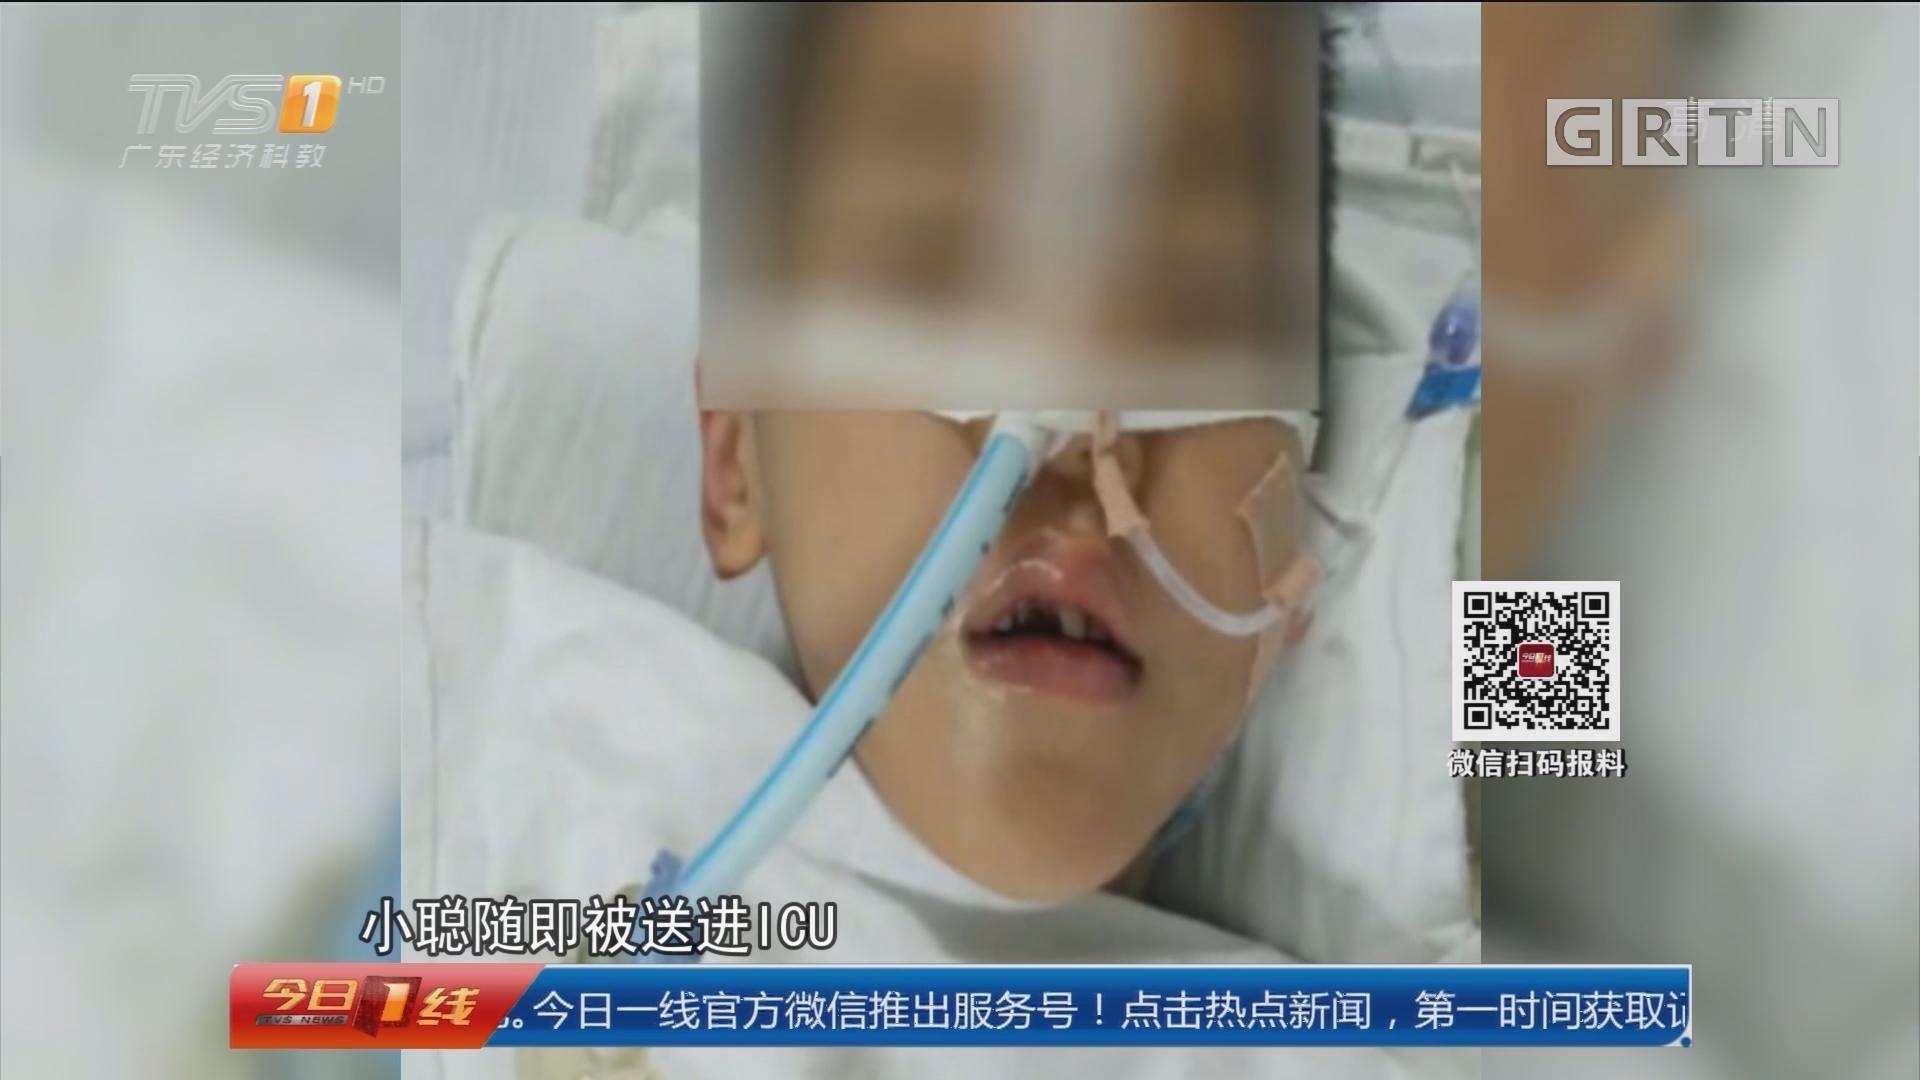 清远佛冈:五岁男童误食毒鼠强 家长报警